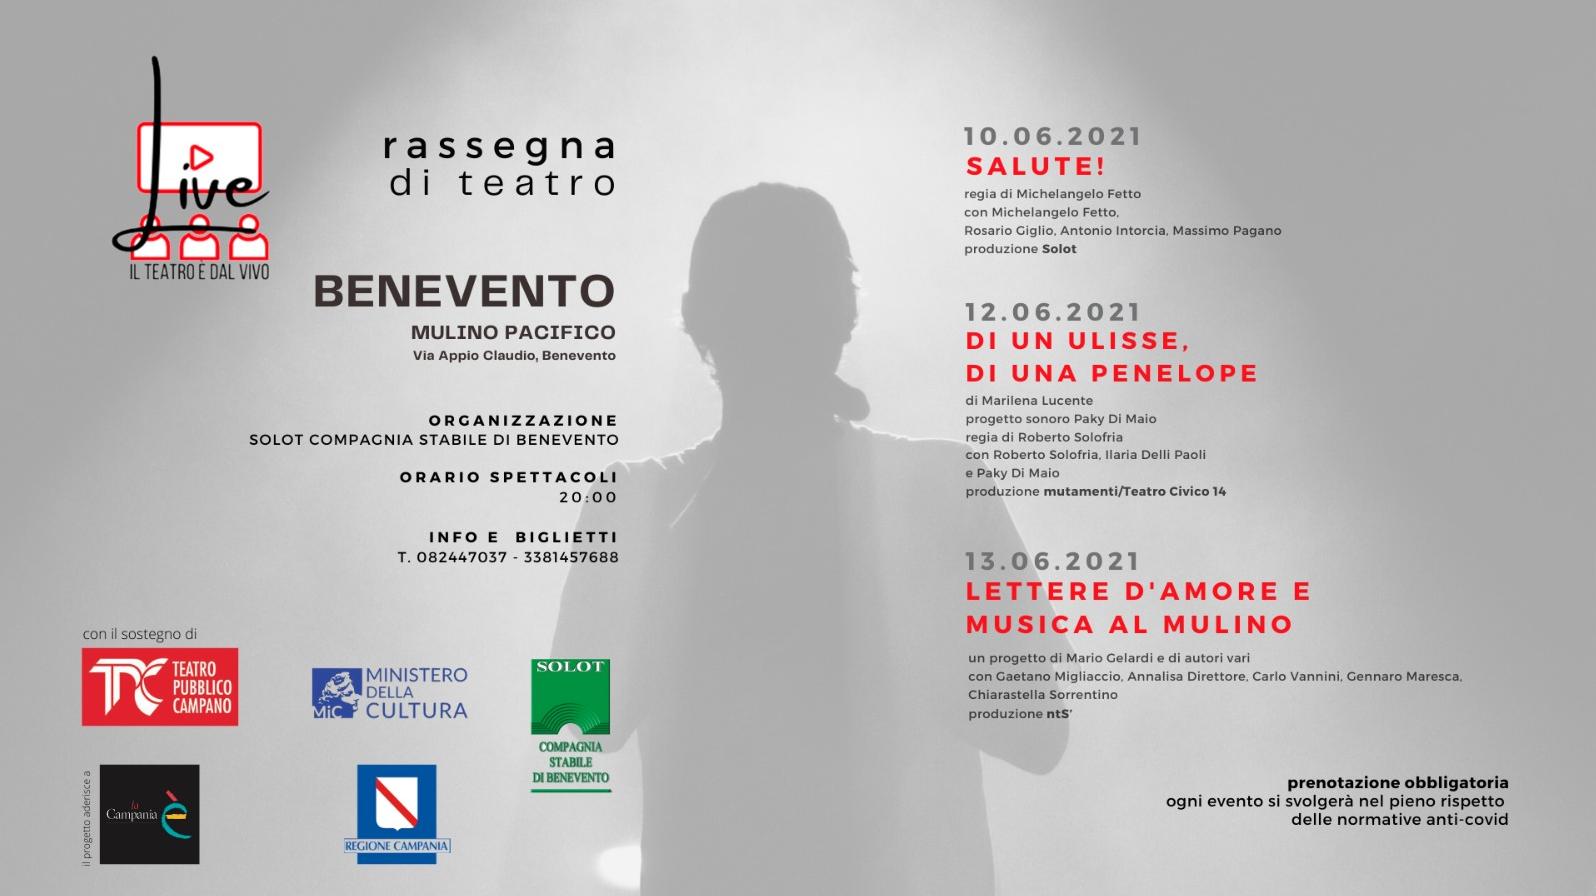 Benevento|Mulino Pacifico, parte la rassegna 'LIVE! IL TEATRO È DAL VIVO'